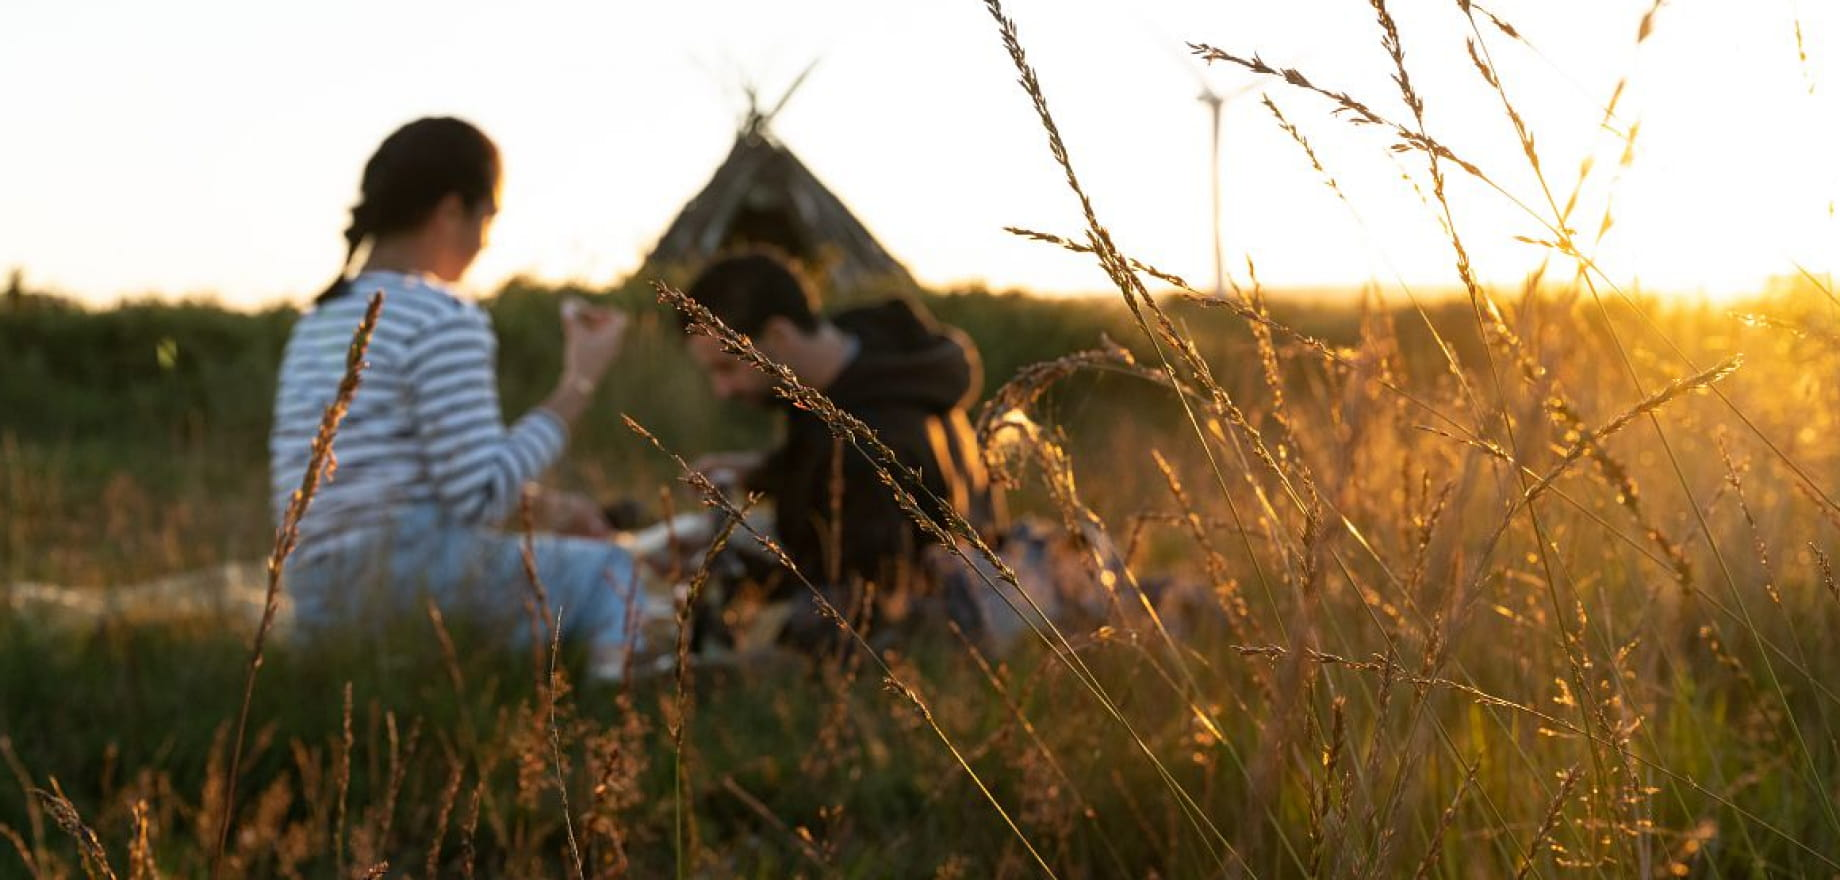 Les Landes de Lanfains - Coucher de soleil - Couple bruyere